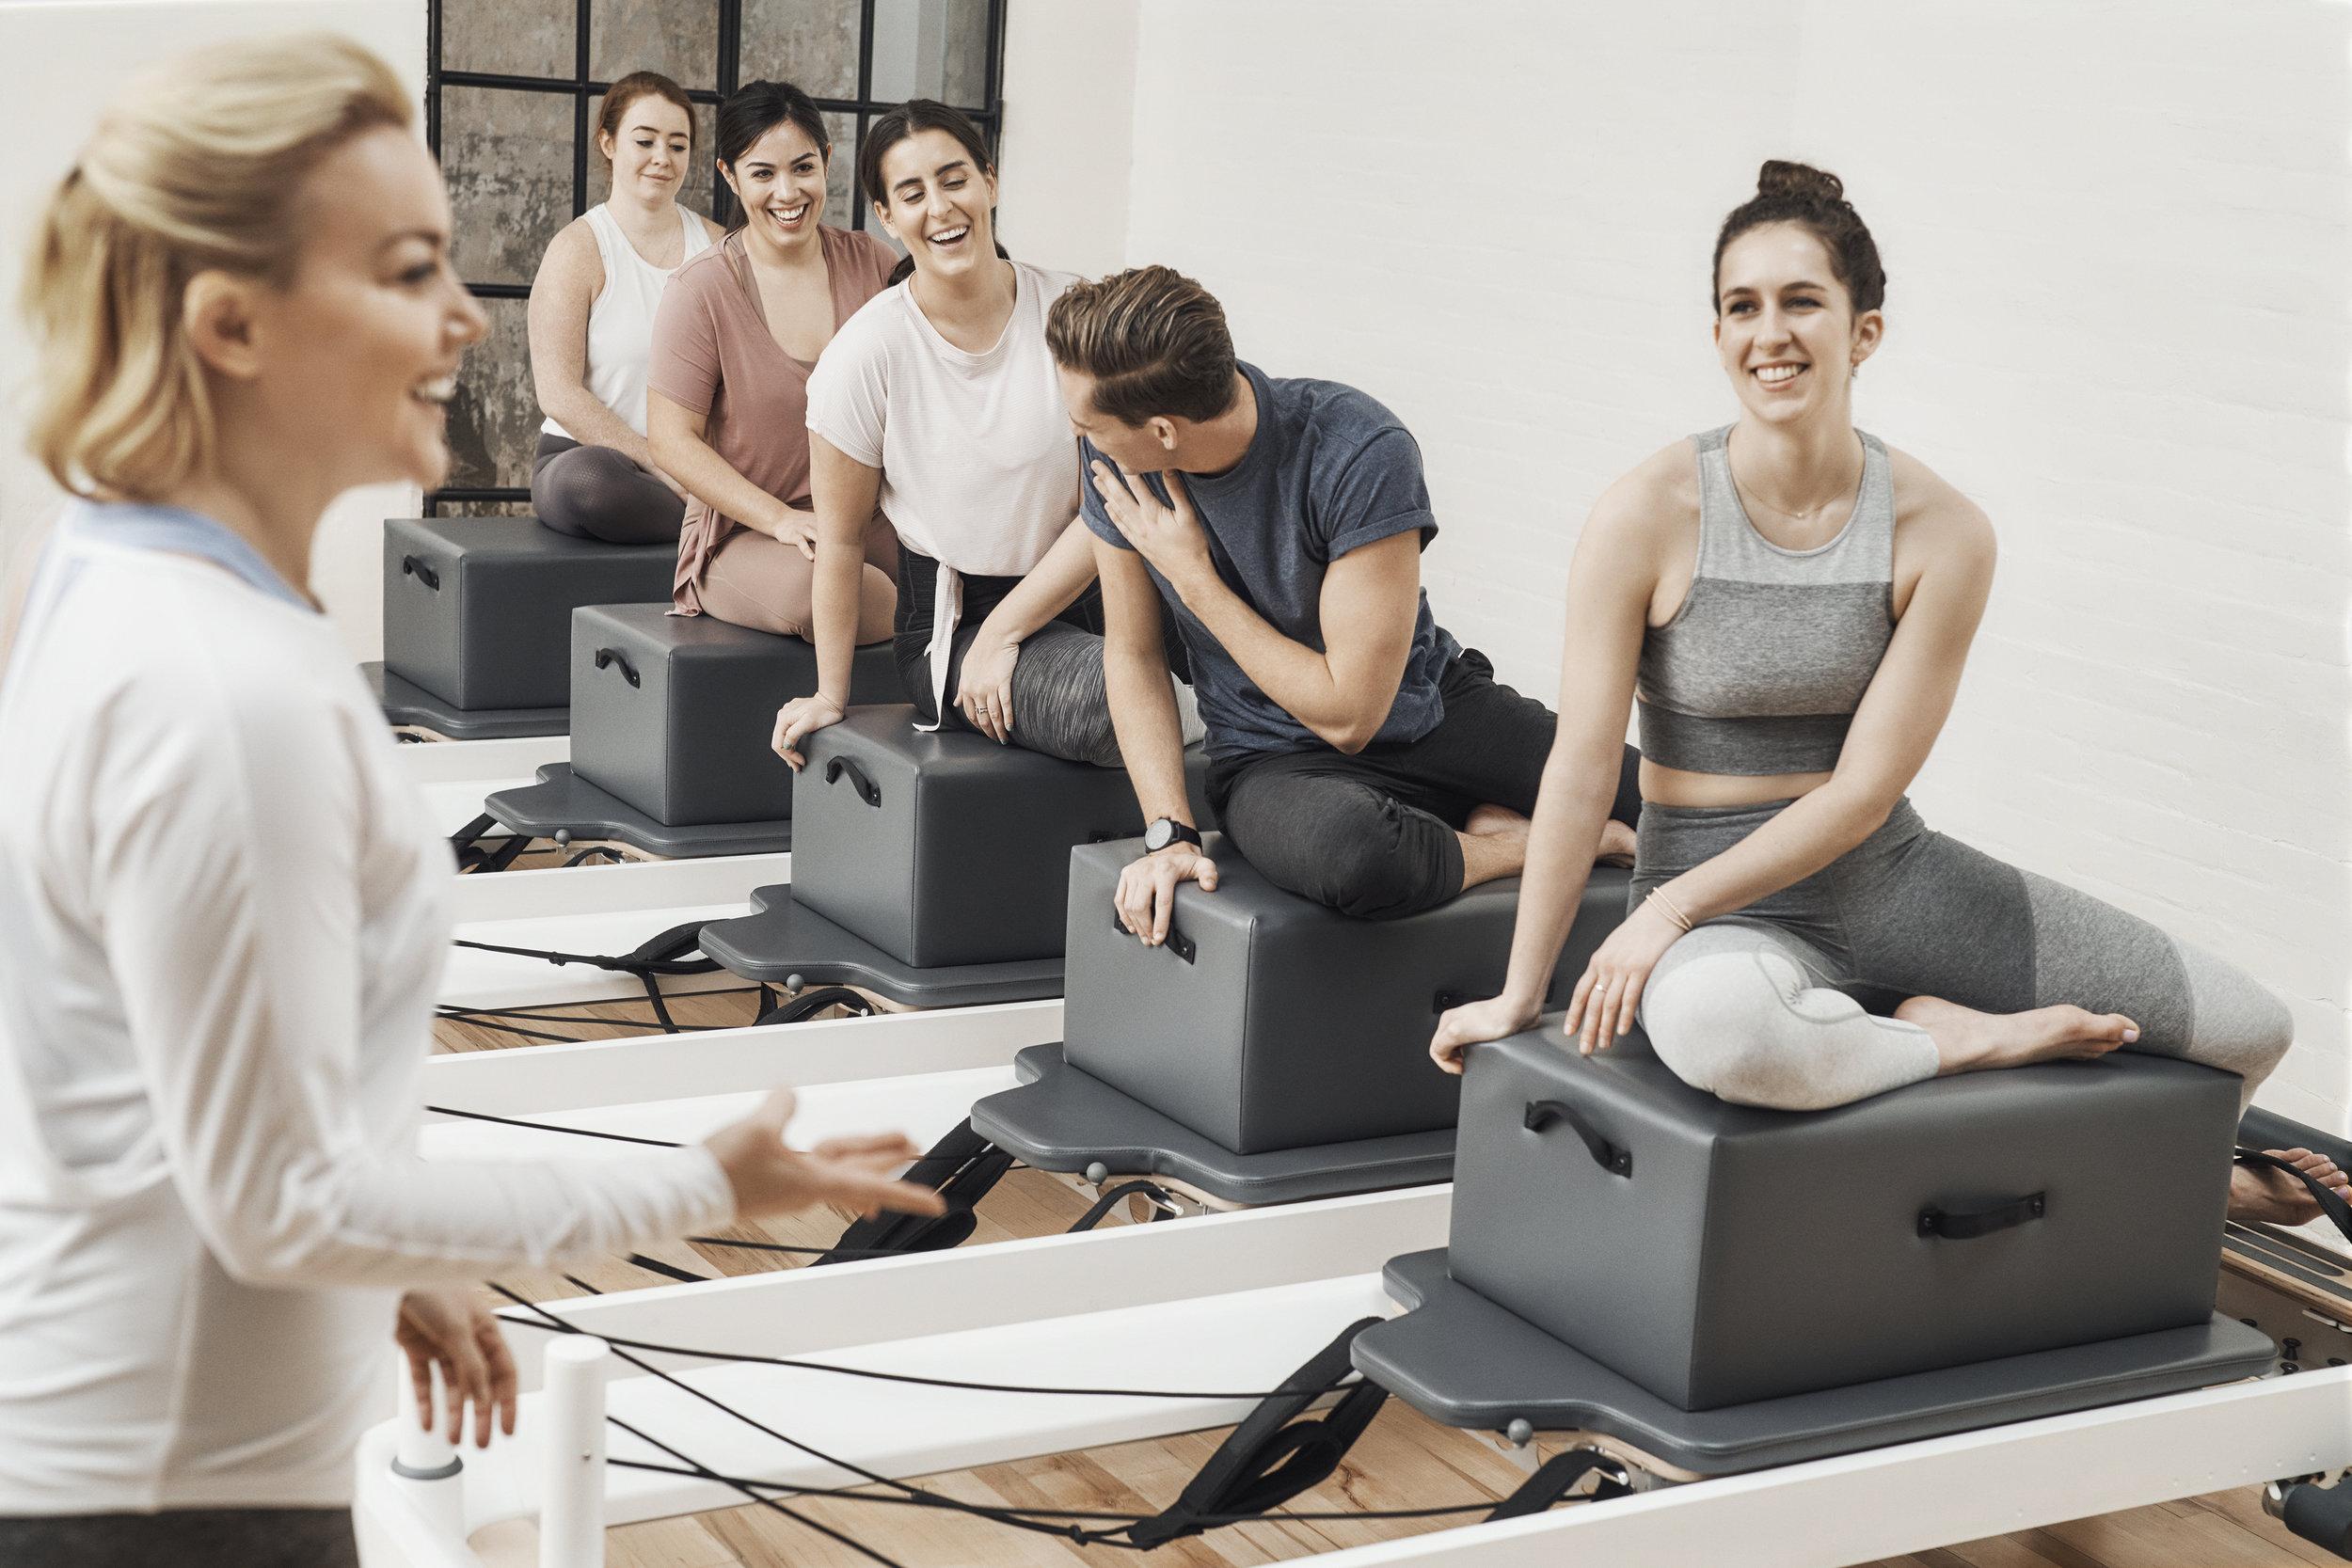 Pilates_Class_Instructor_4_0023.jpg